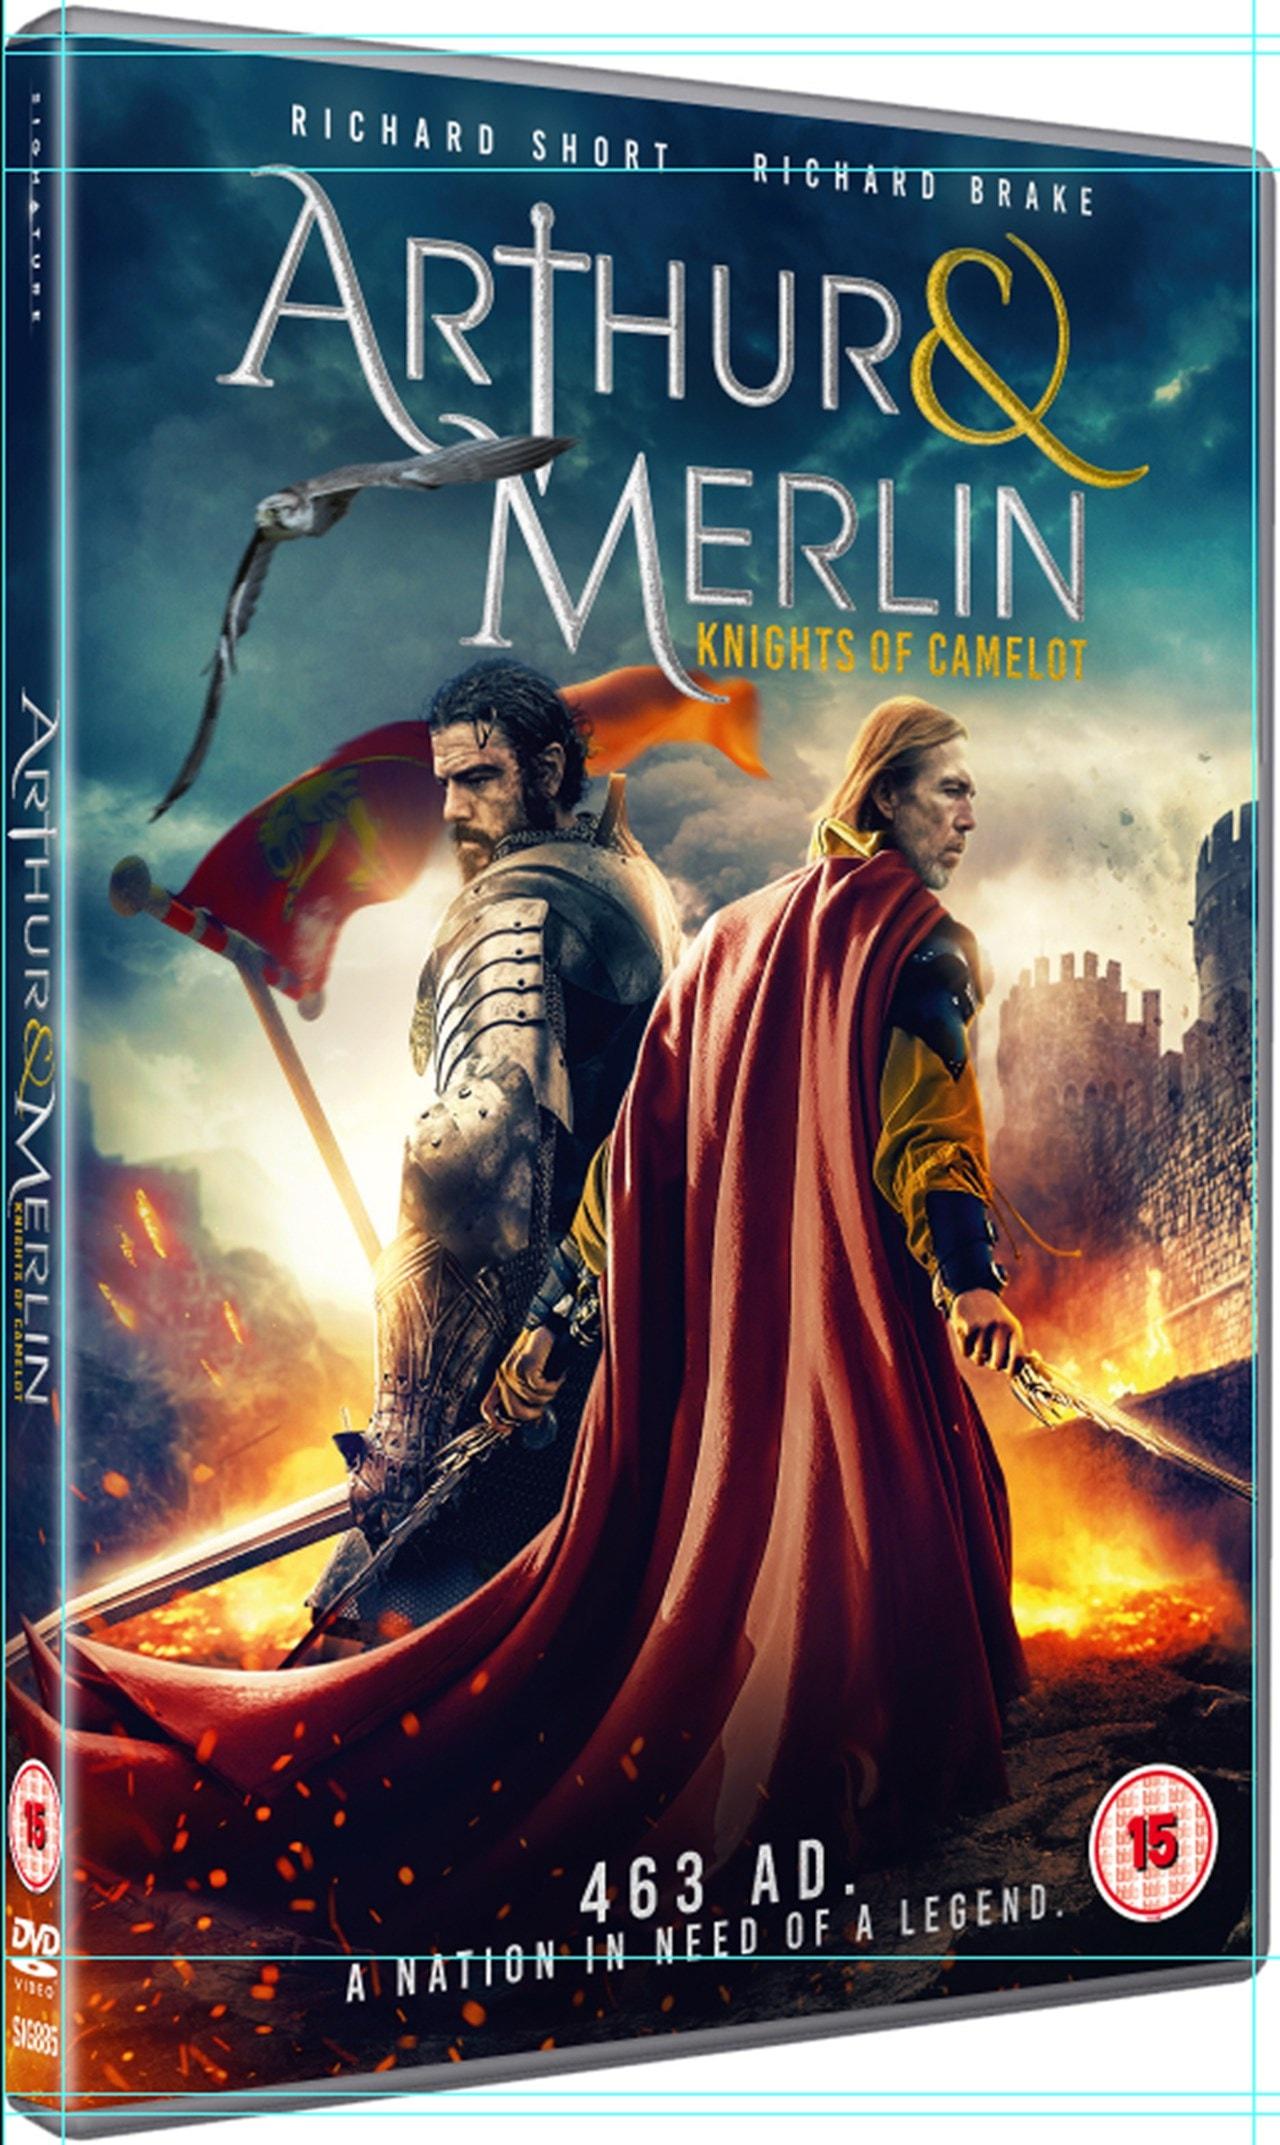 Arthur & Merlin: Knights of Camelot - 2